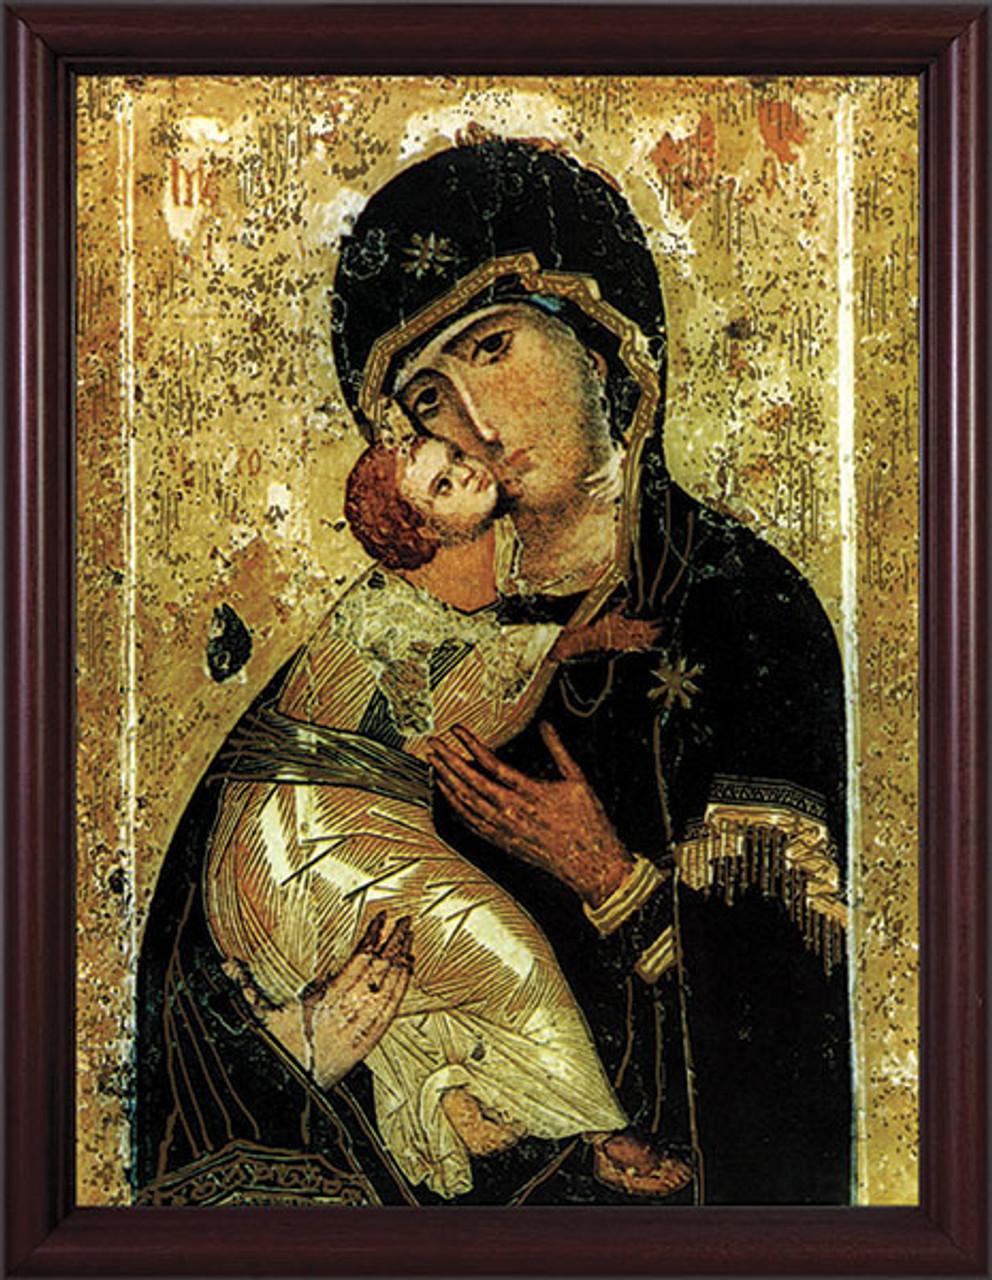 Our Lady of Vladimir - Cherry Framed Art